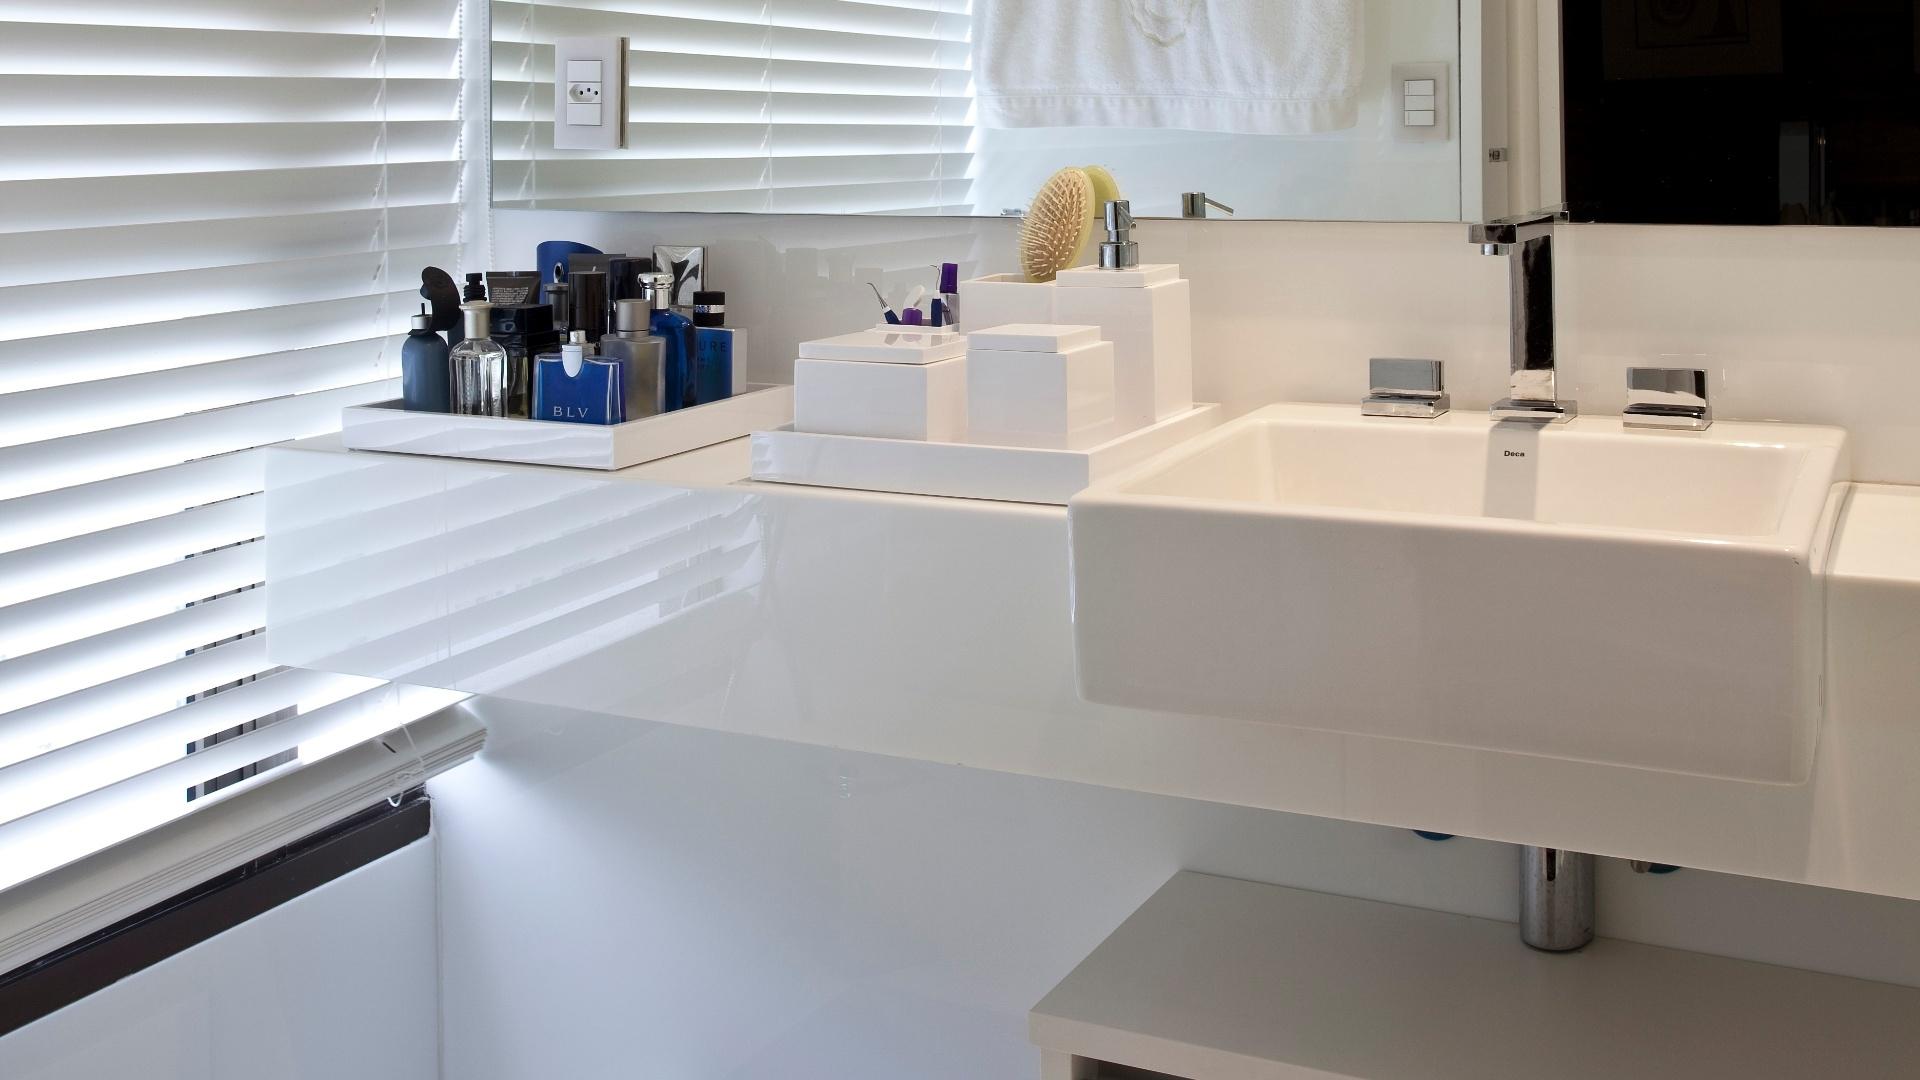 banheiro completamente branco tem bancada Corian e revestimentos  #283D69 1920x1080 Banheiro Acessivel Cad Blocos